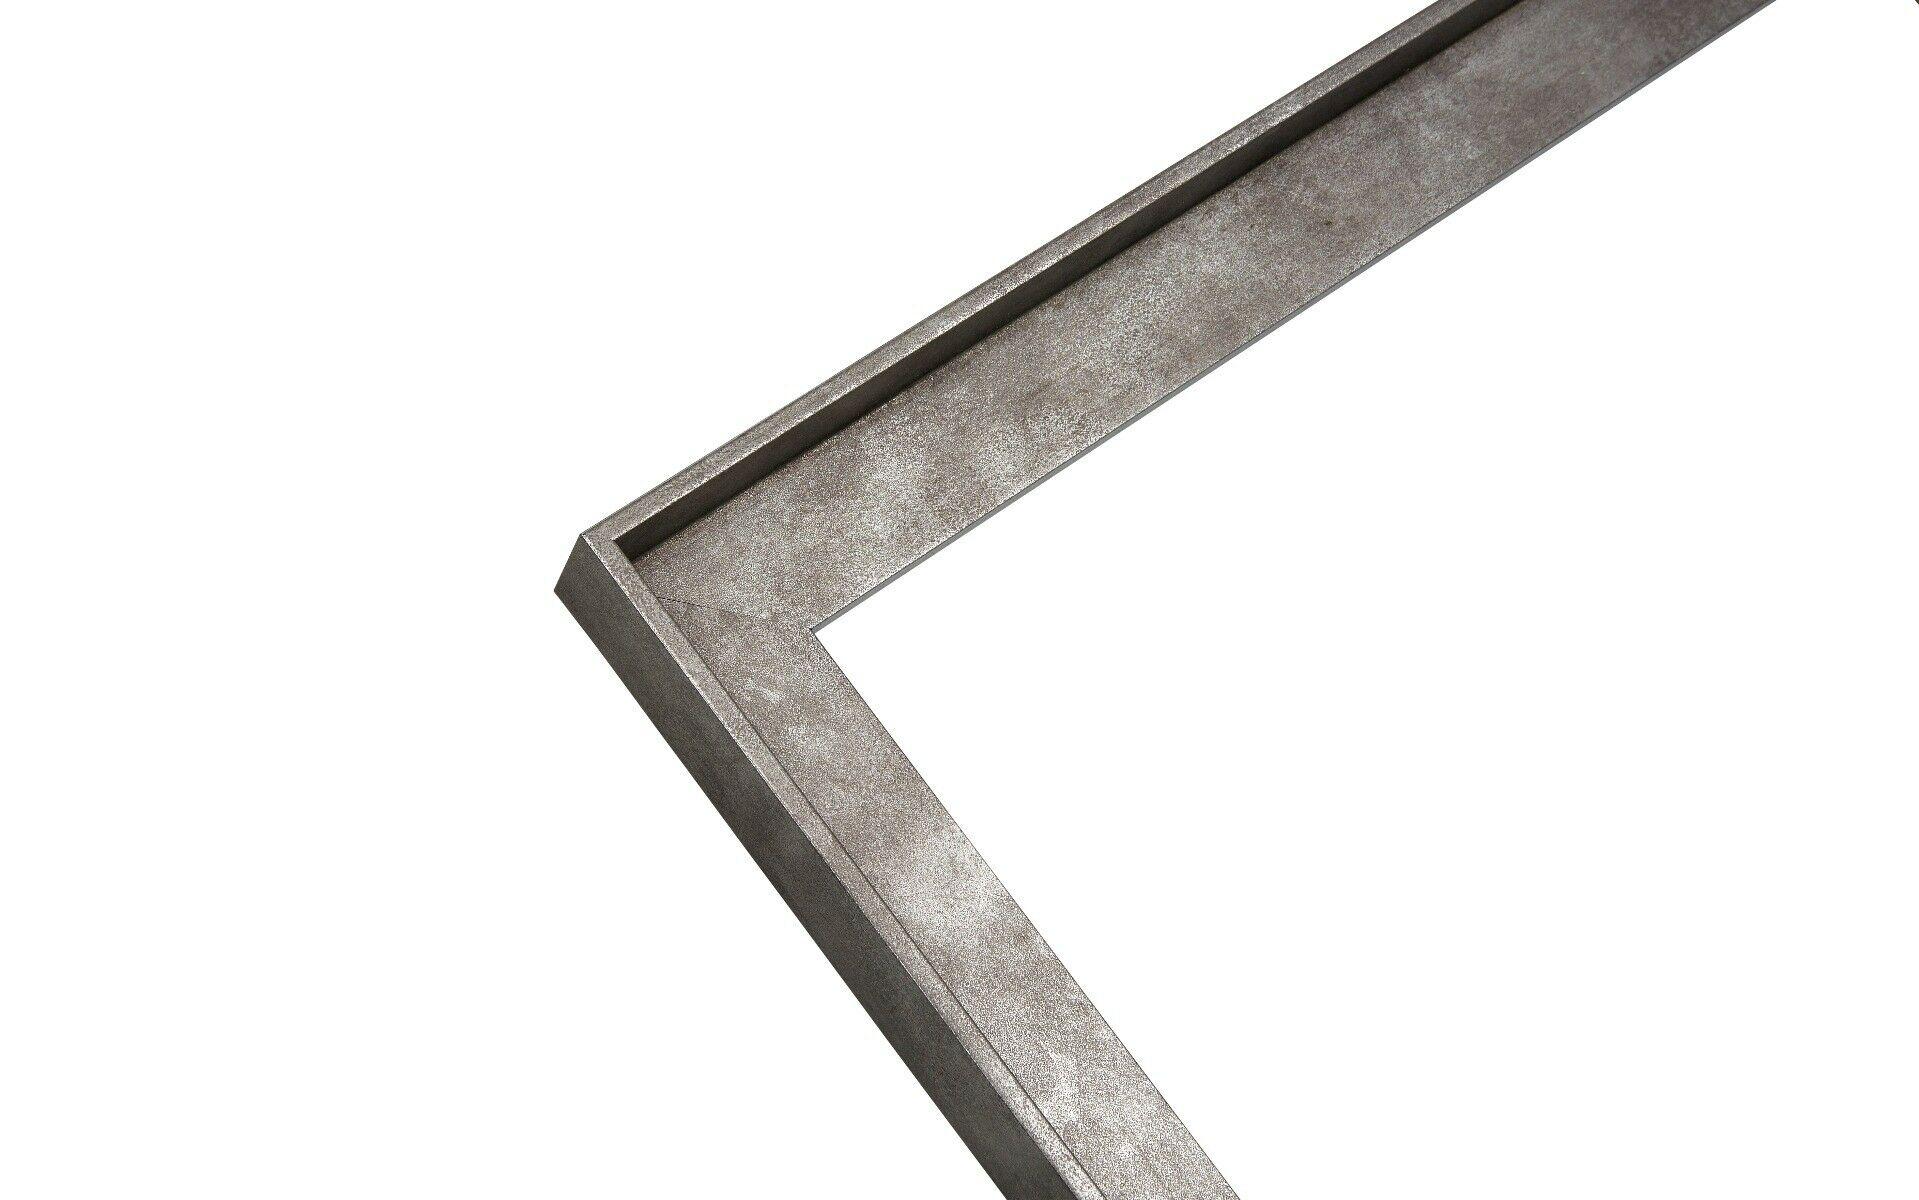 Baklijst - Canvaslijst - Industrieel - Grijs IJzer